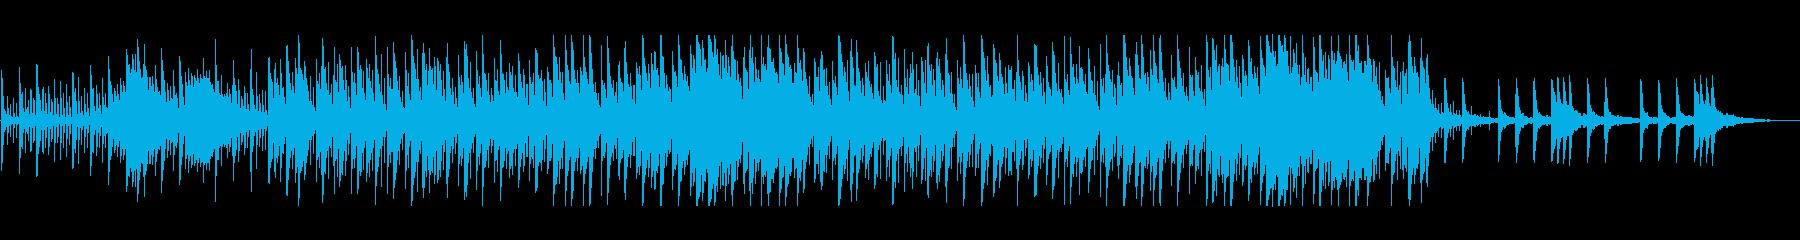 優しいリズム感のあるポップスの再生済みの波形